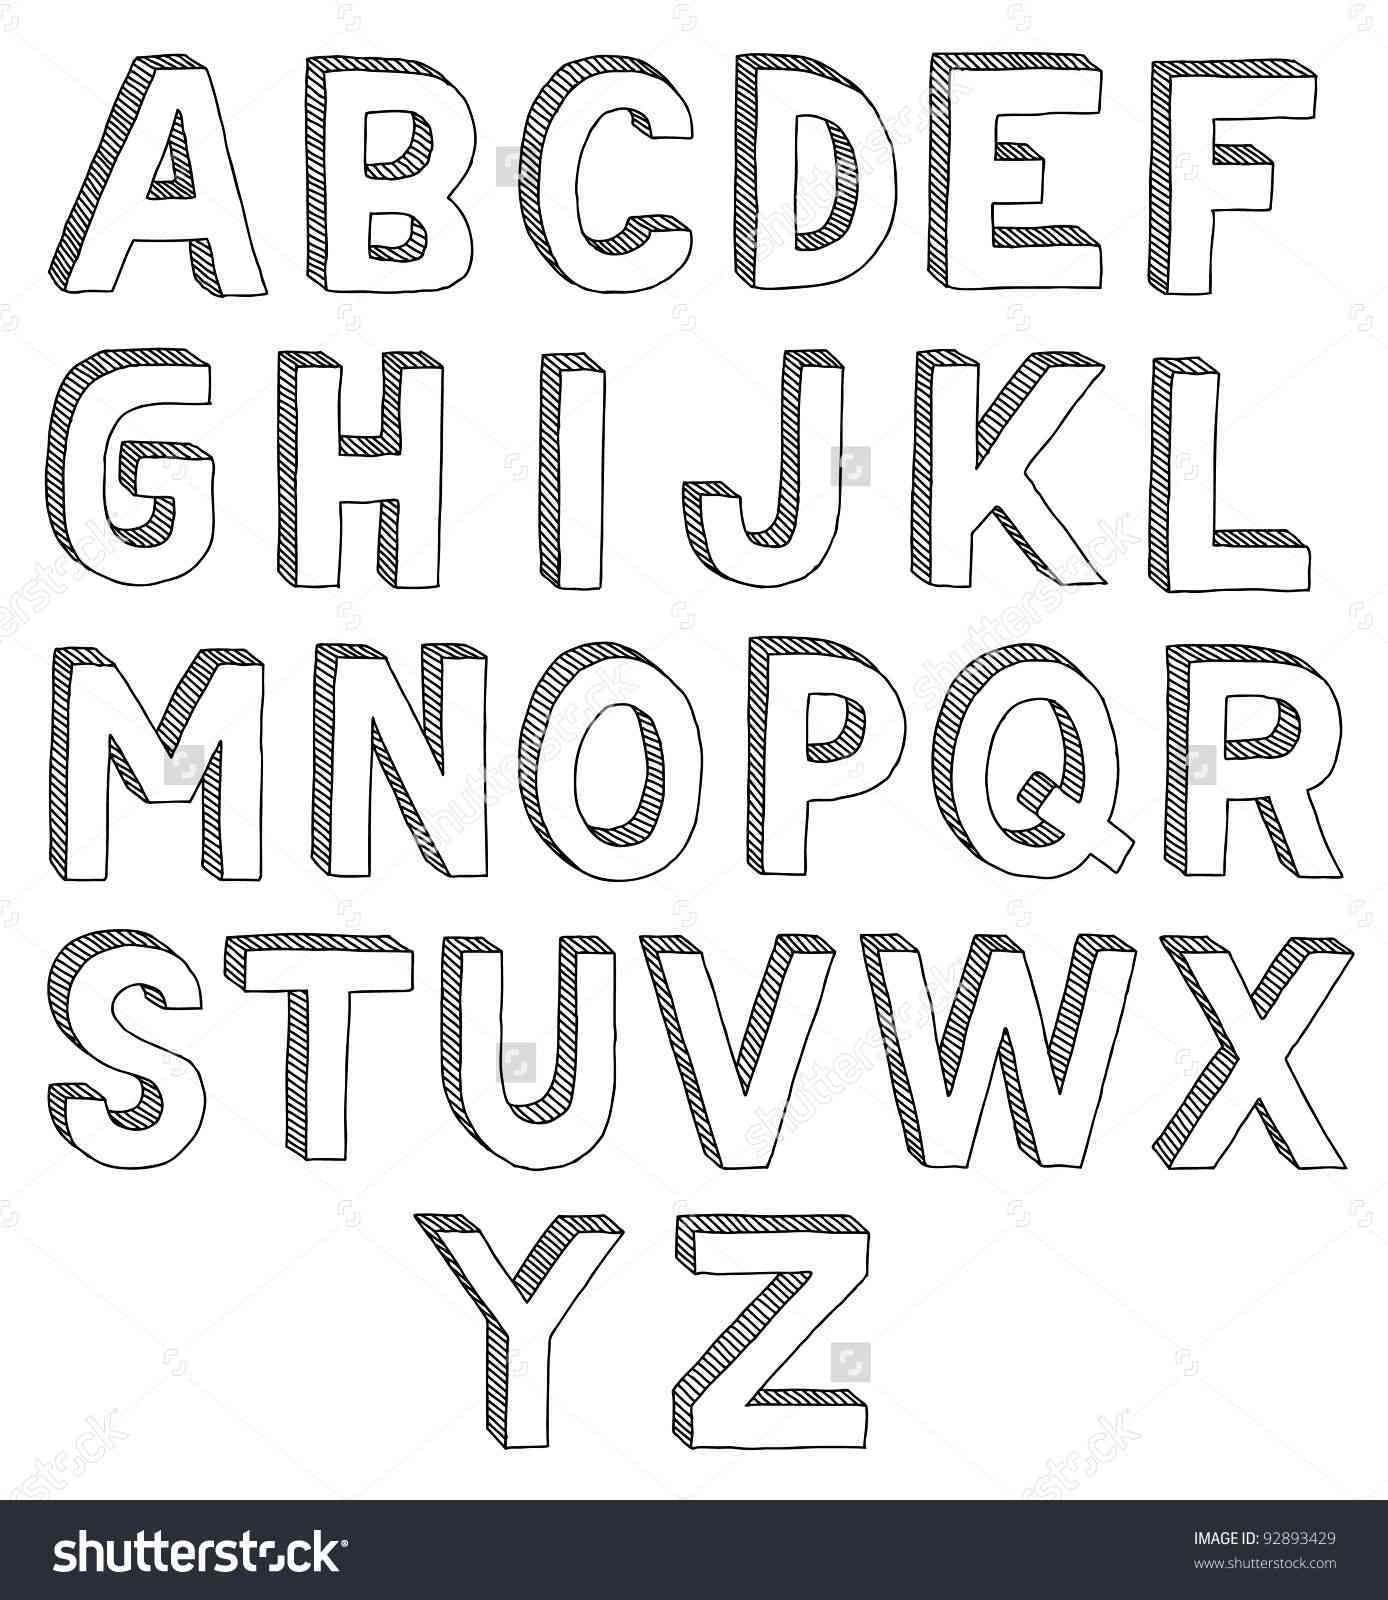 Best Of Fancy Bubble Letters M (15 Images)